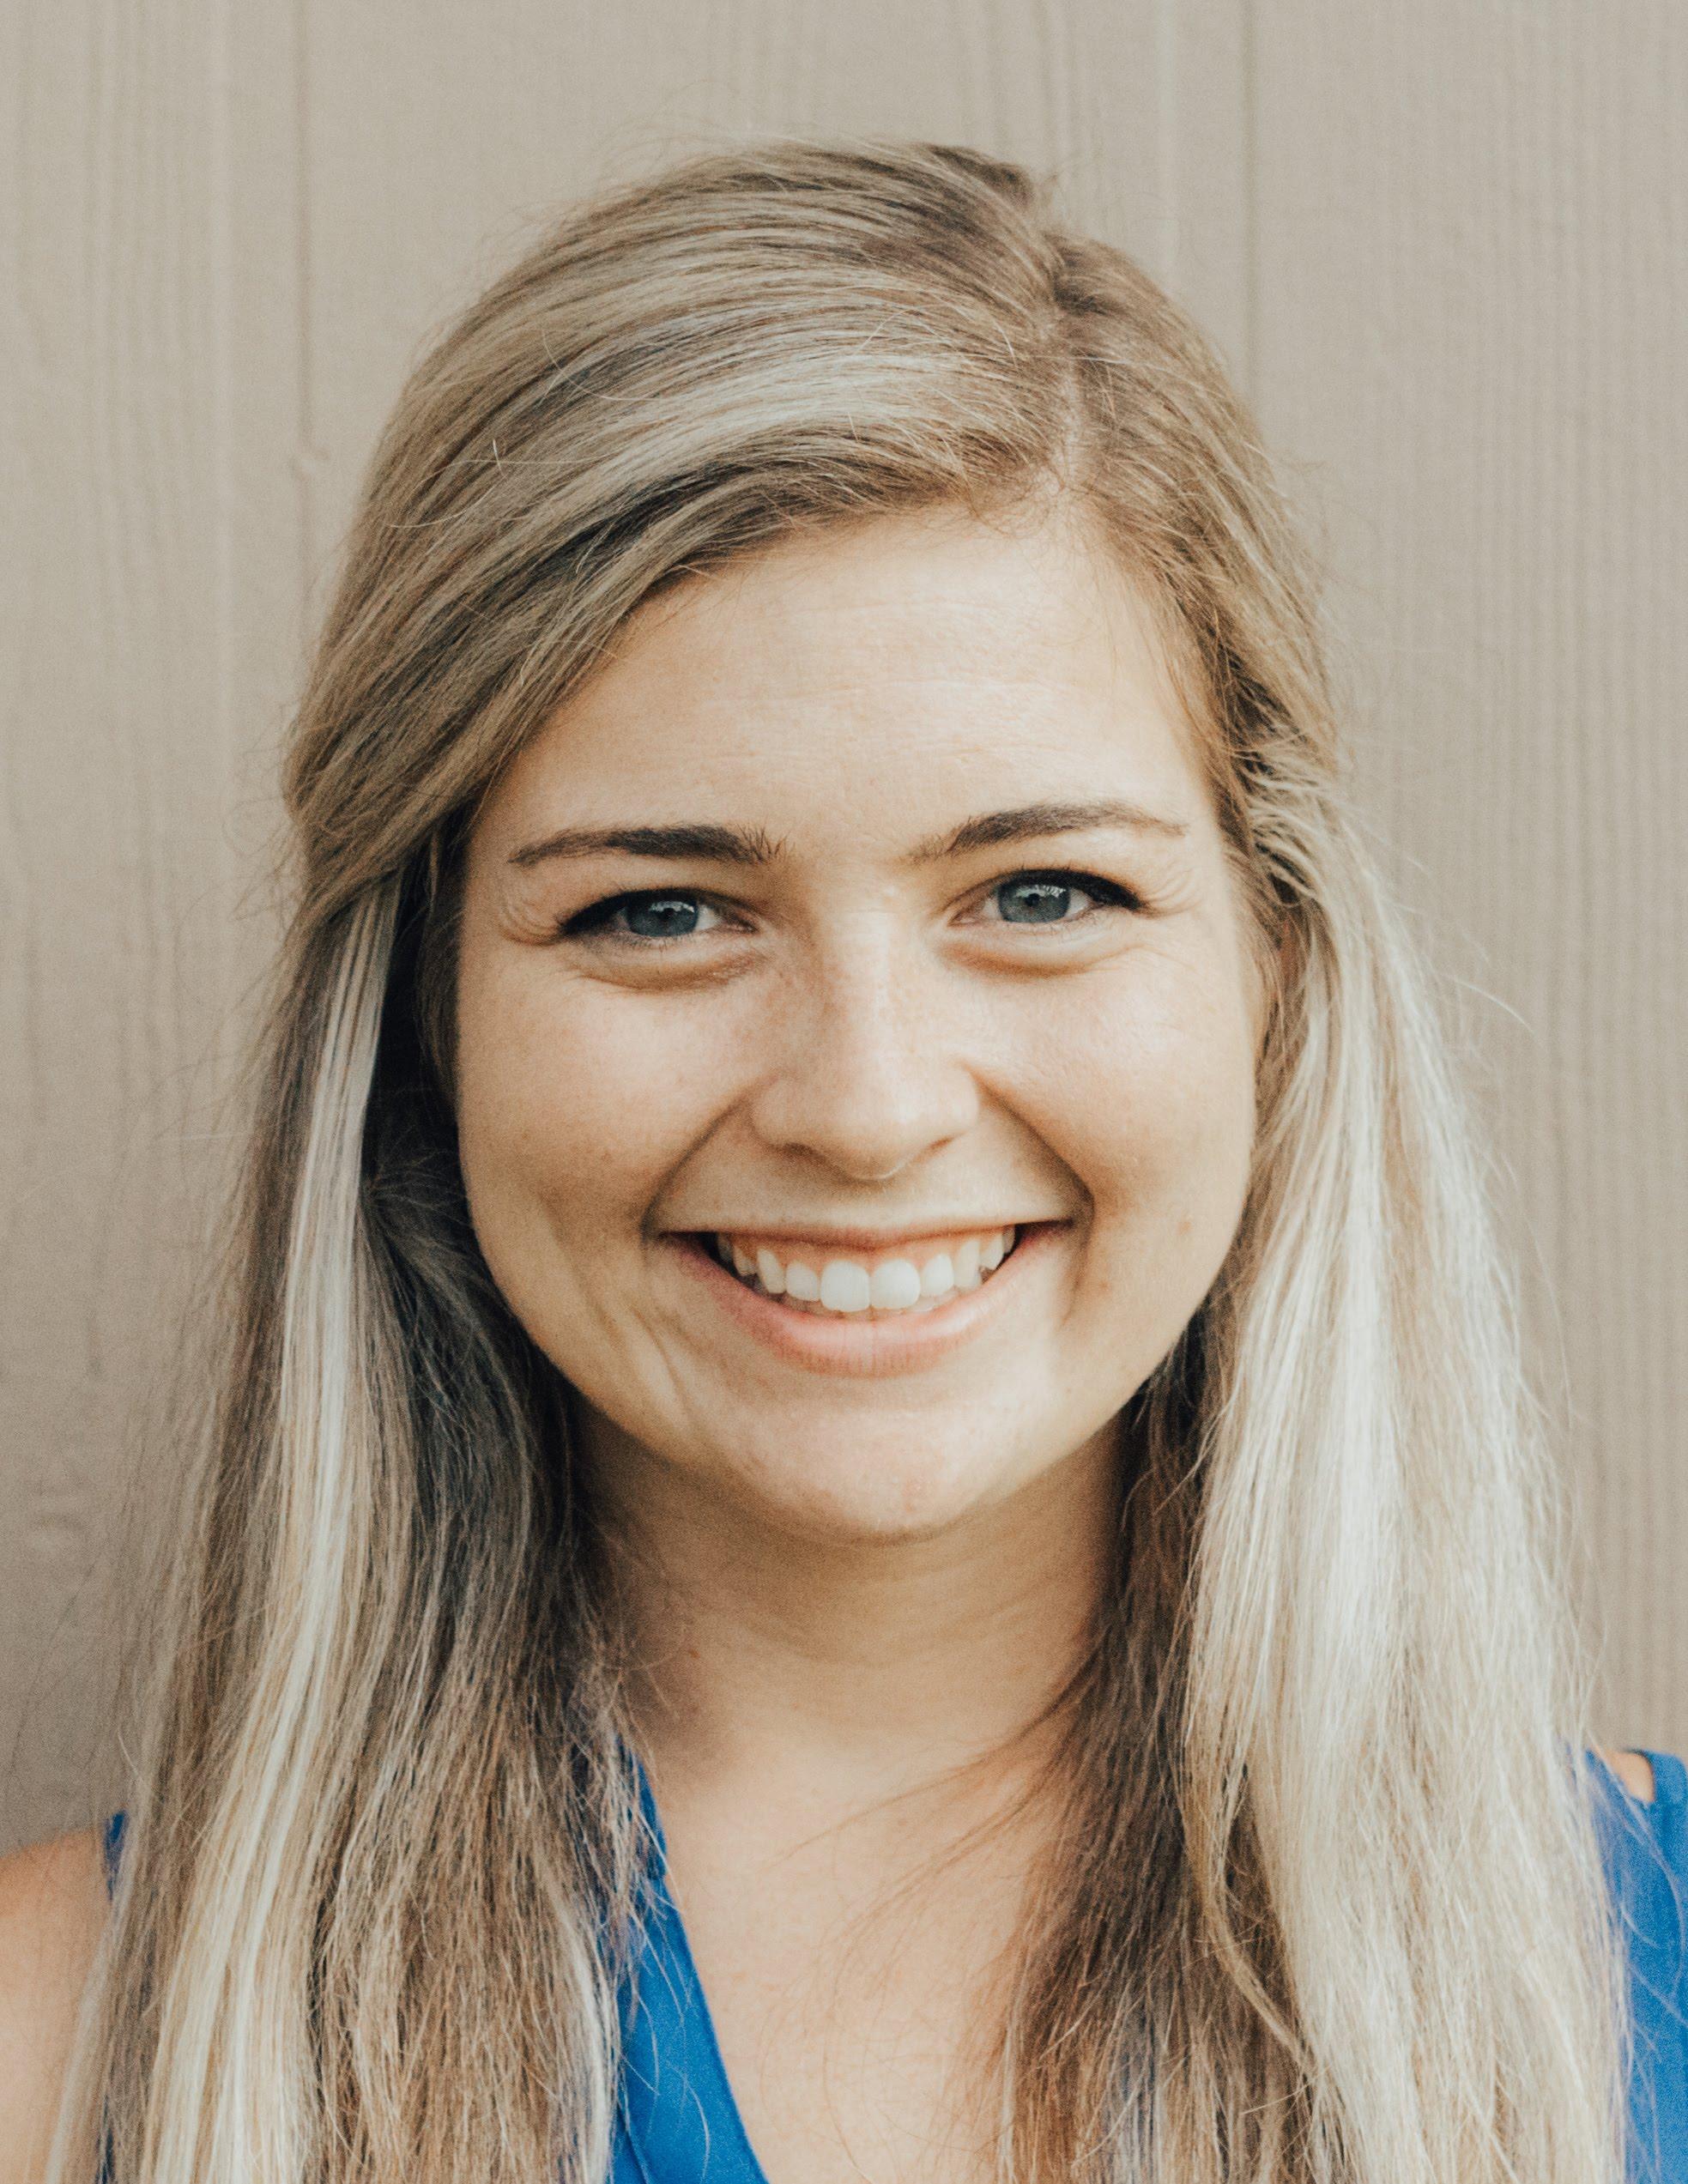 Katie Koehler